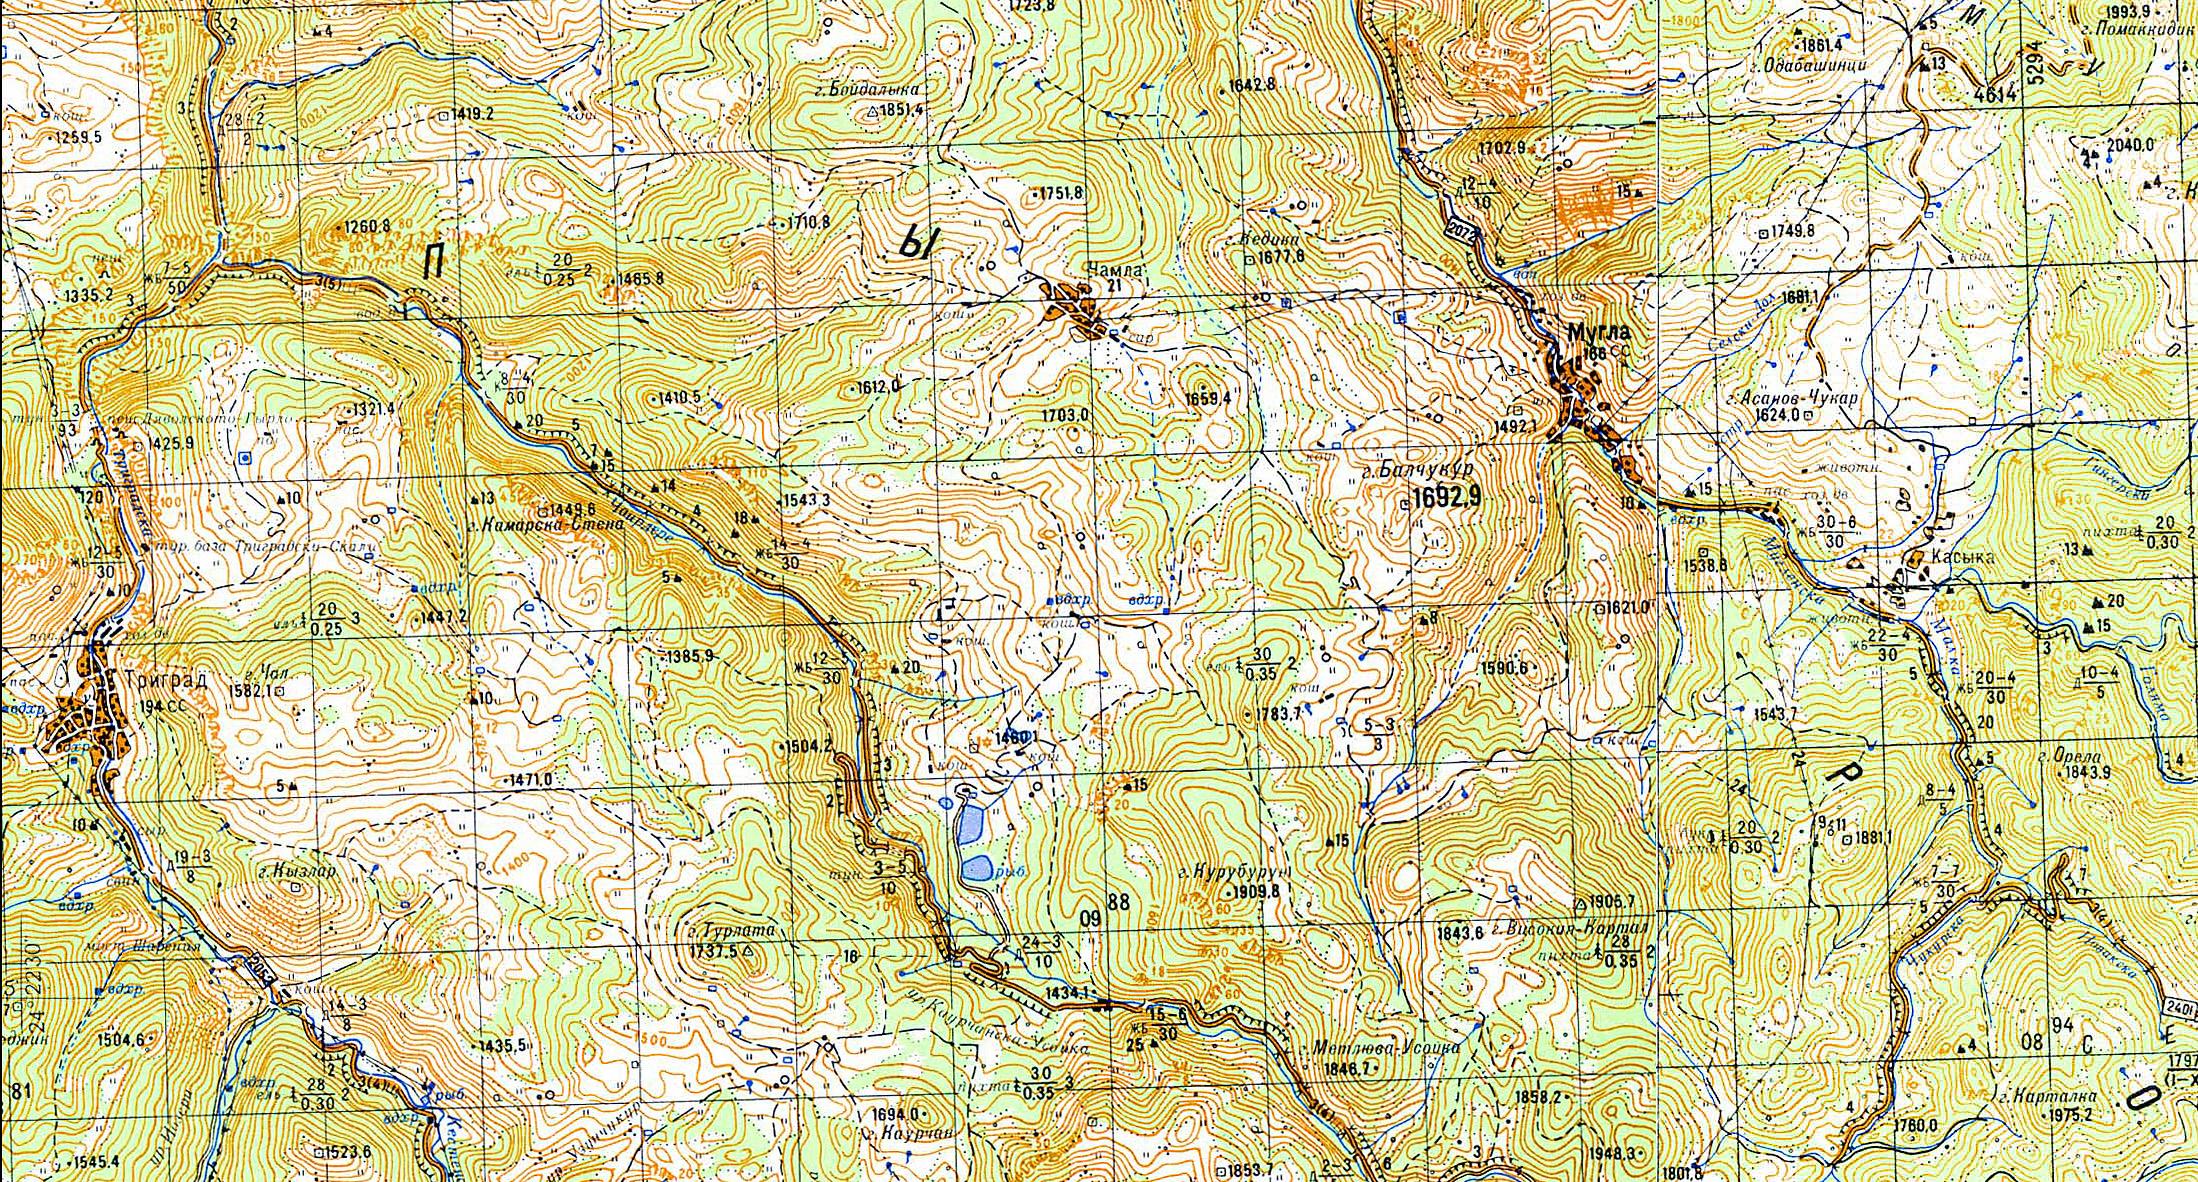 Болгария. Родопи. Мугла. Bulgaria. Rhodope mountains map